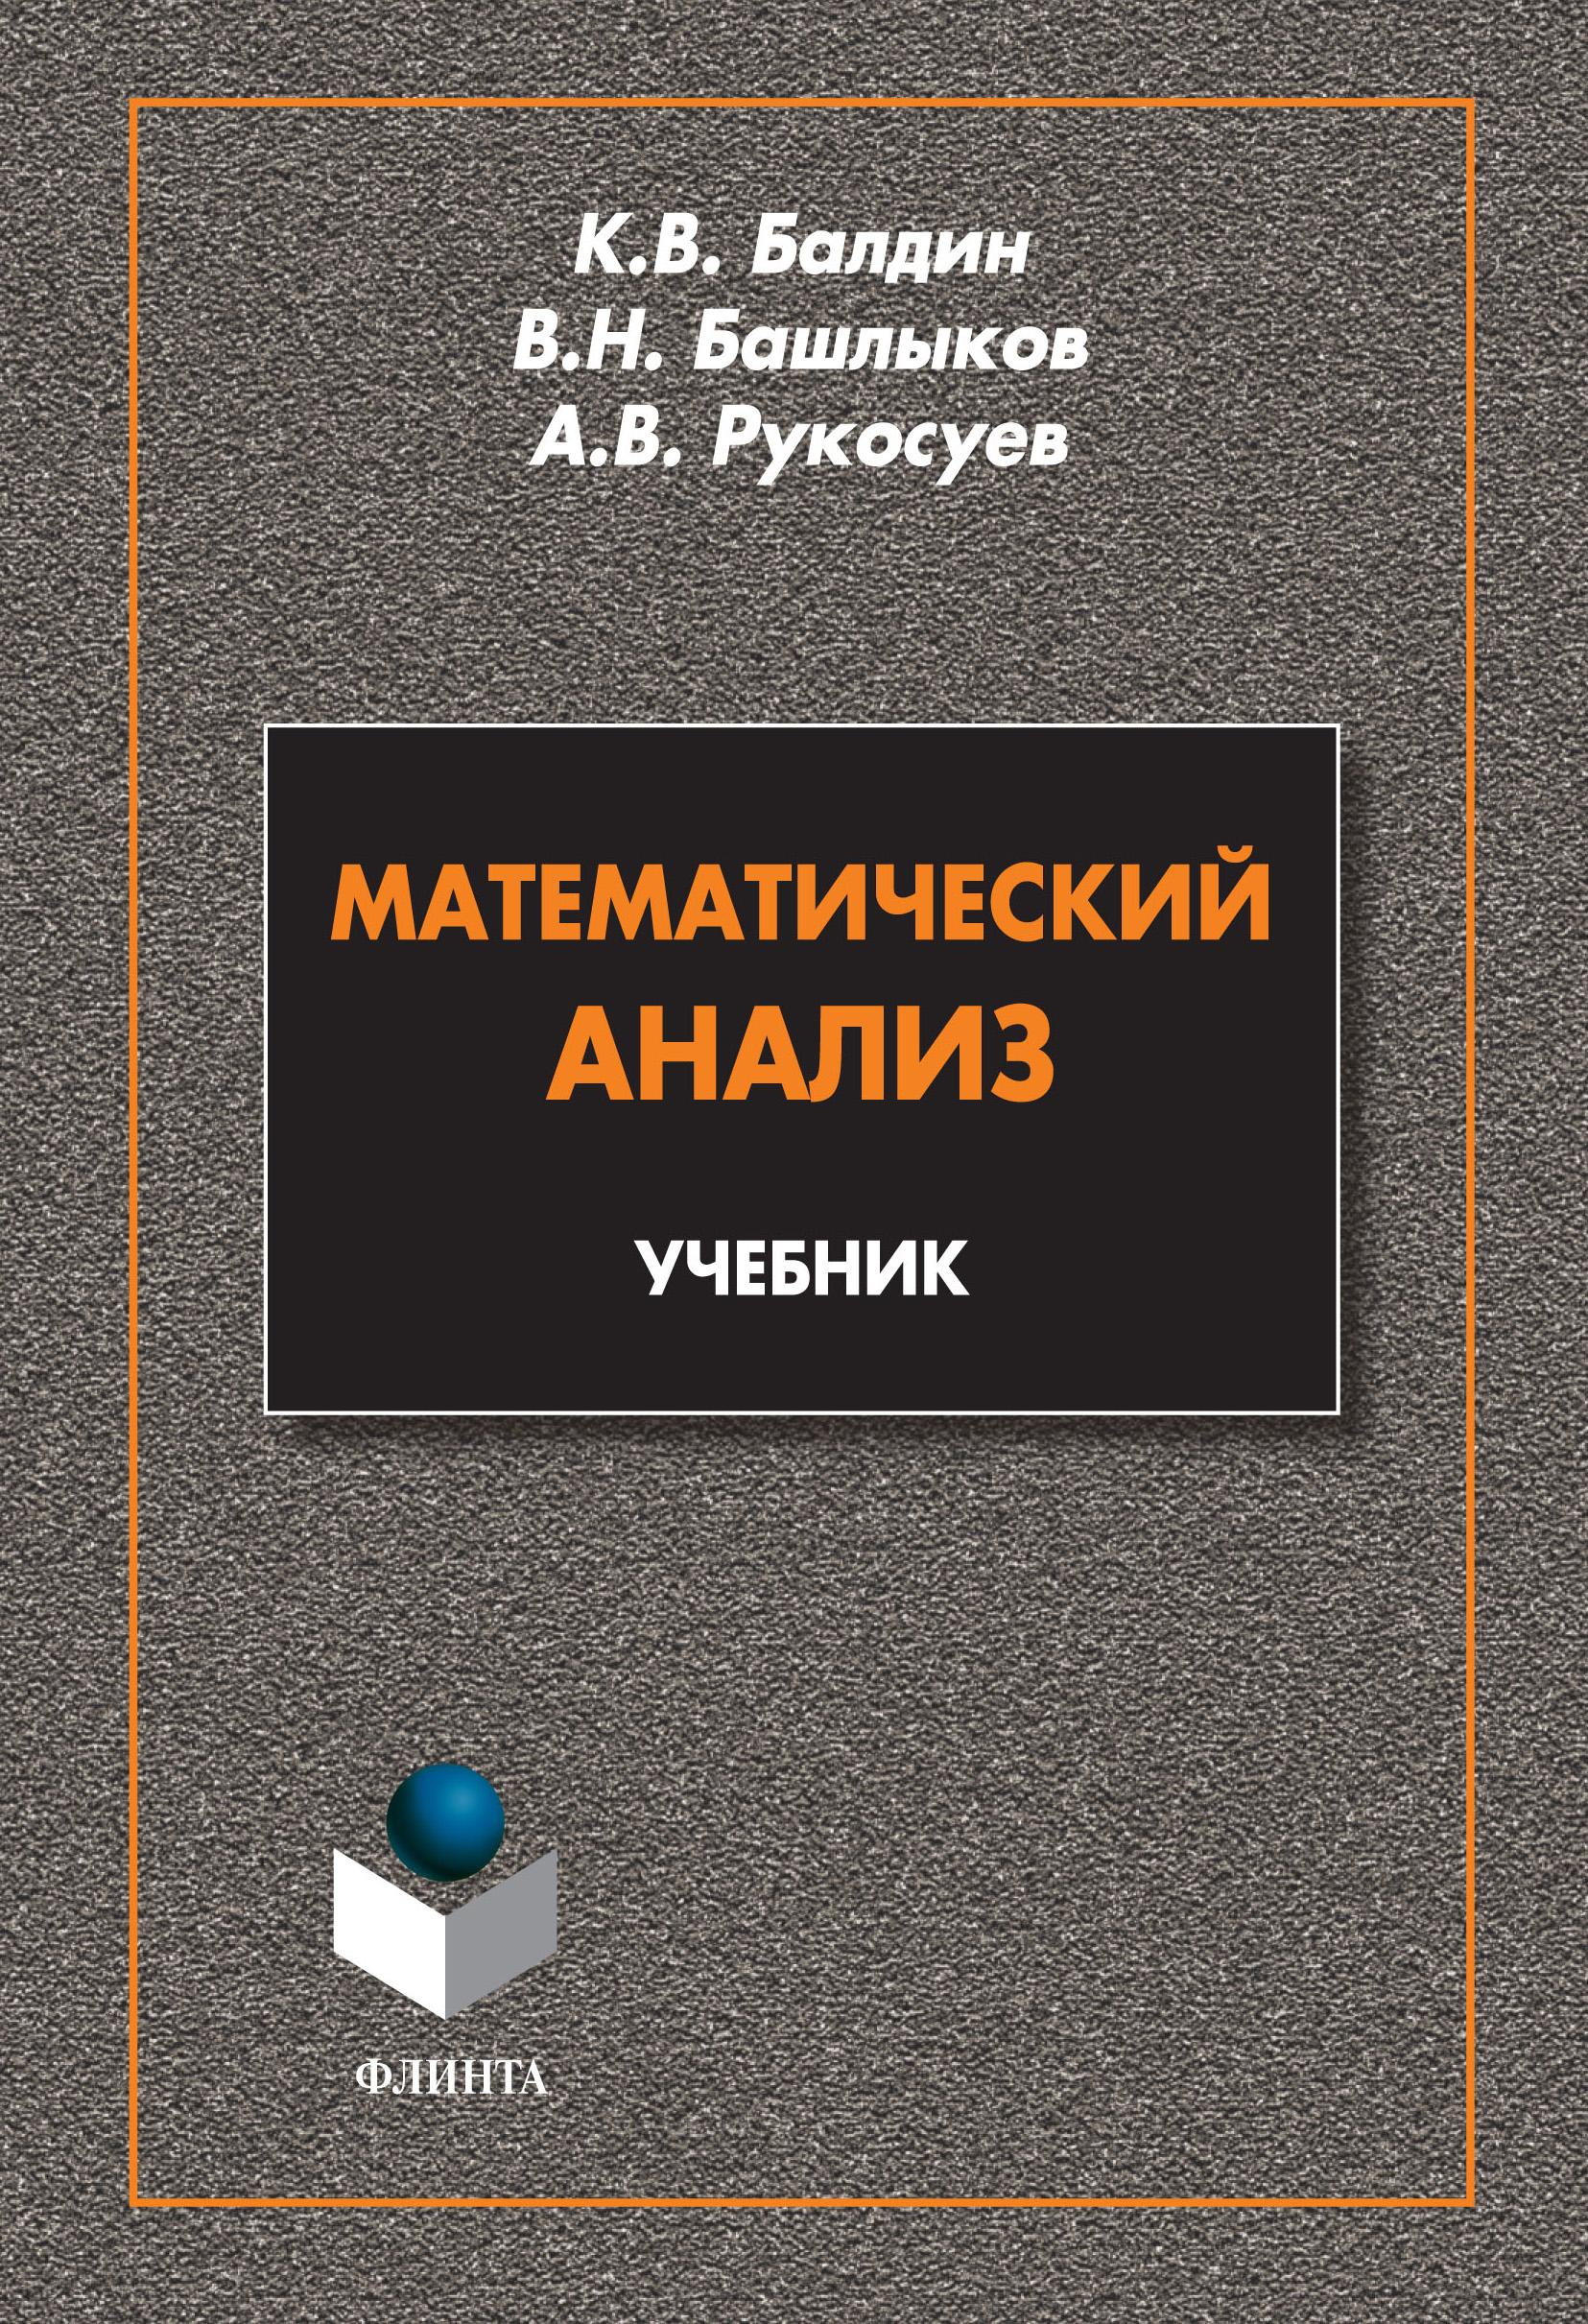 А. В. Рукосуев Математический анализ. Учебник недорого